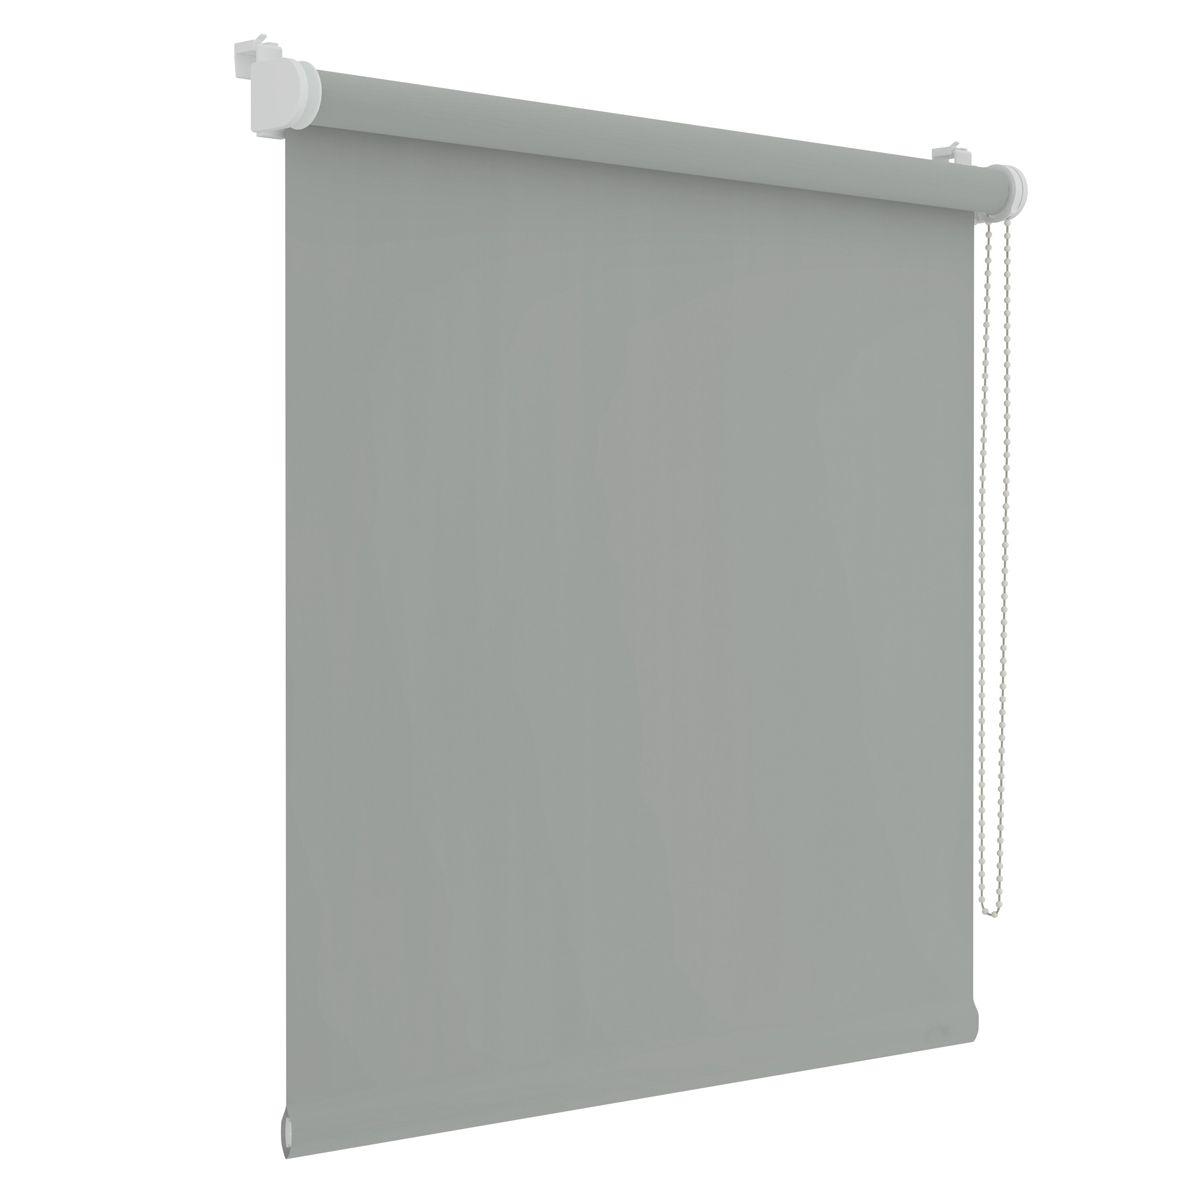 Store enrouleur occultant Dalvik gris clair 67x160cm